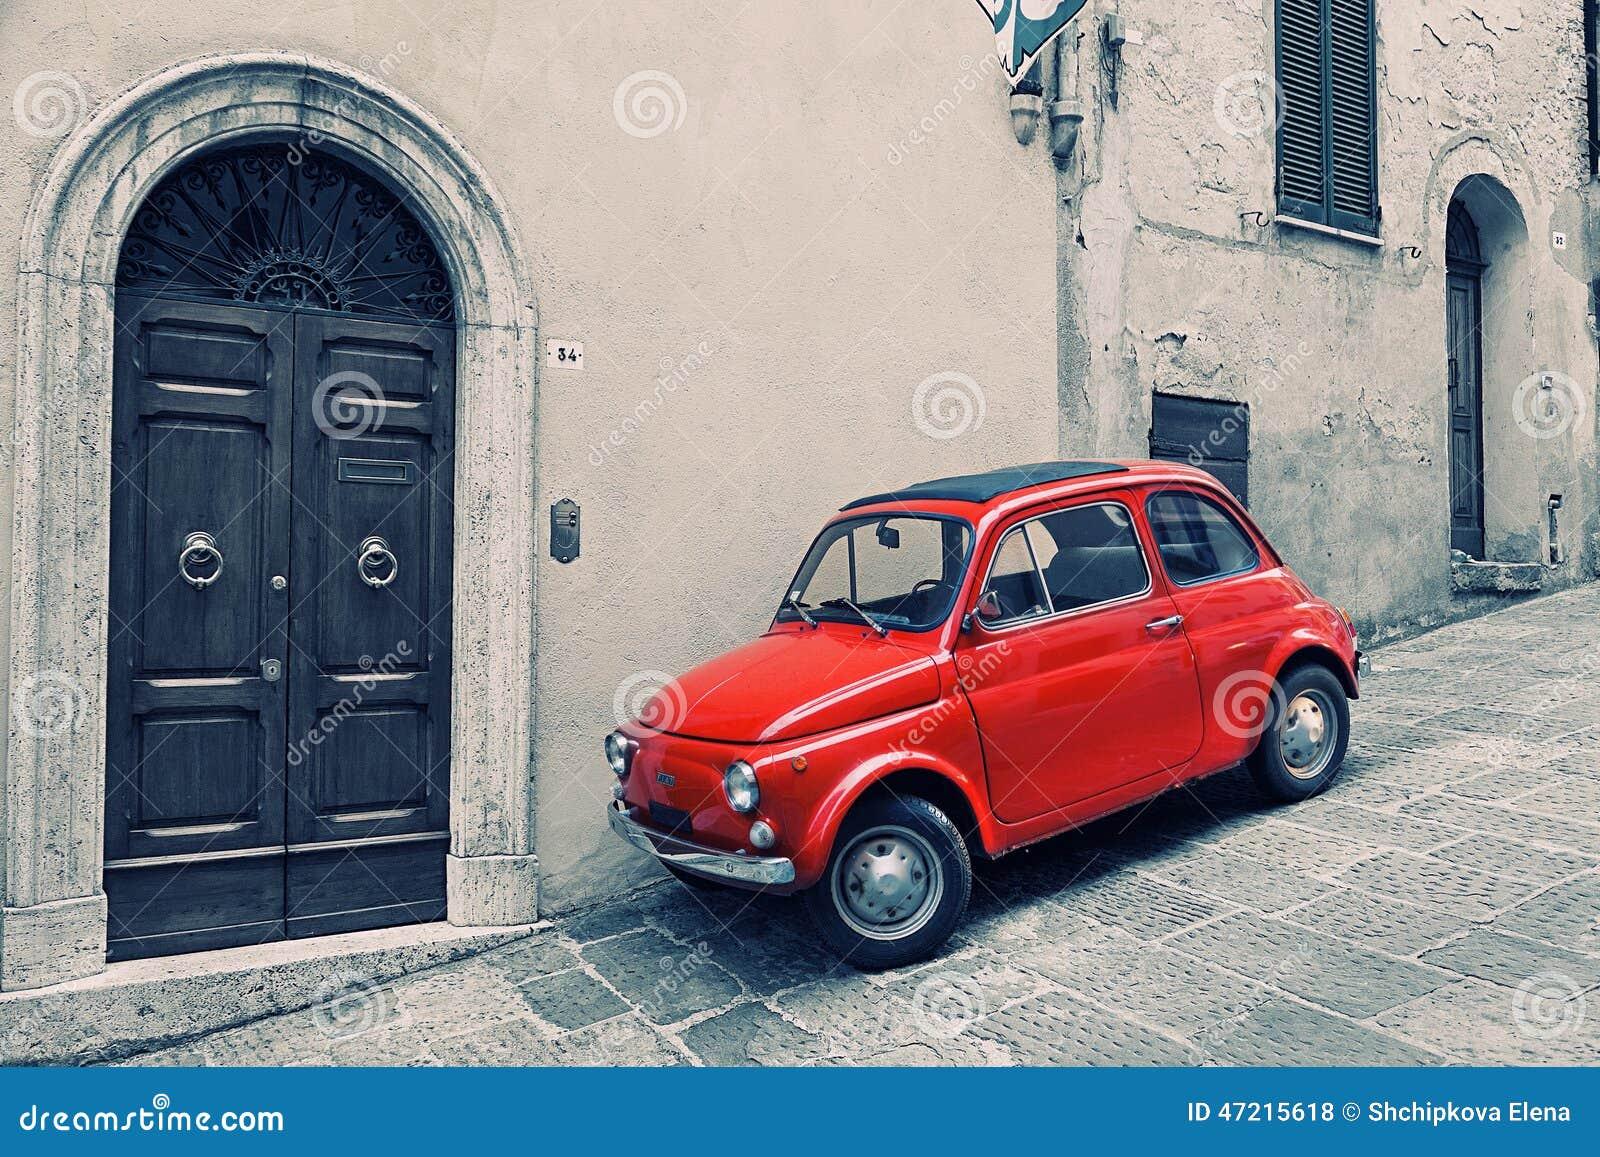 Red Fiat 500 Editorial Image Cartoondealer Com 29567140